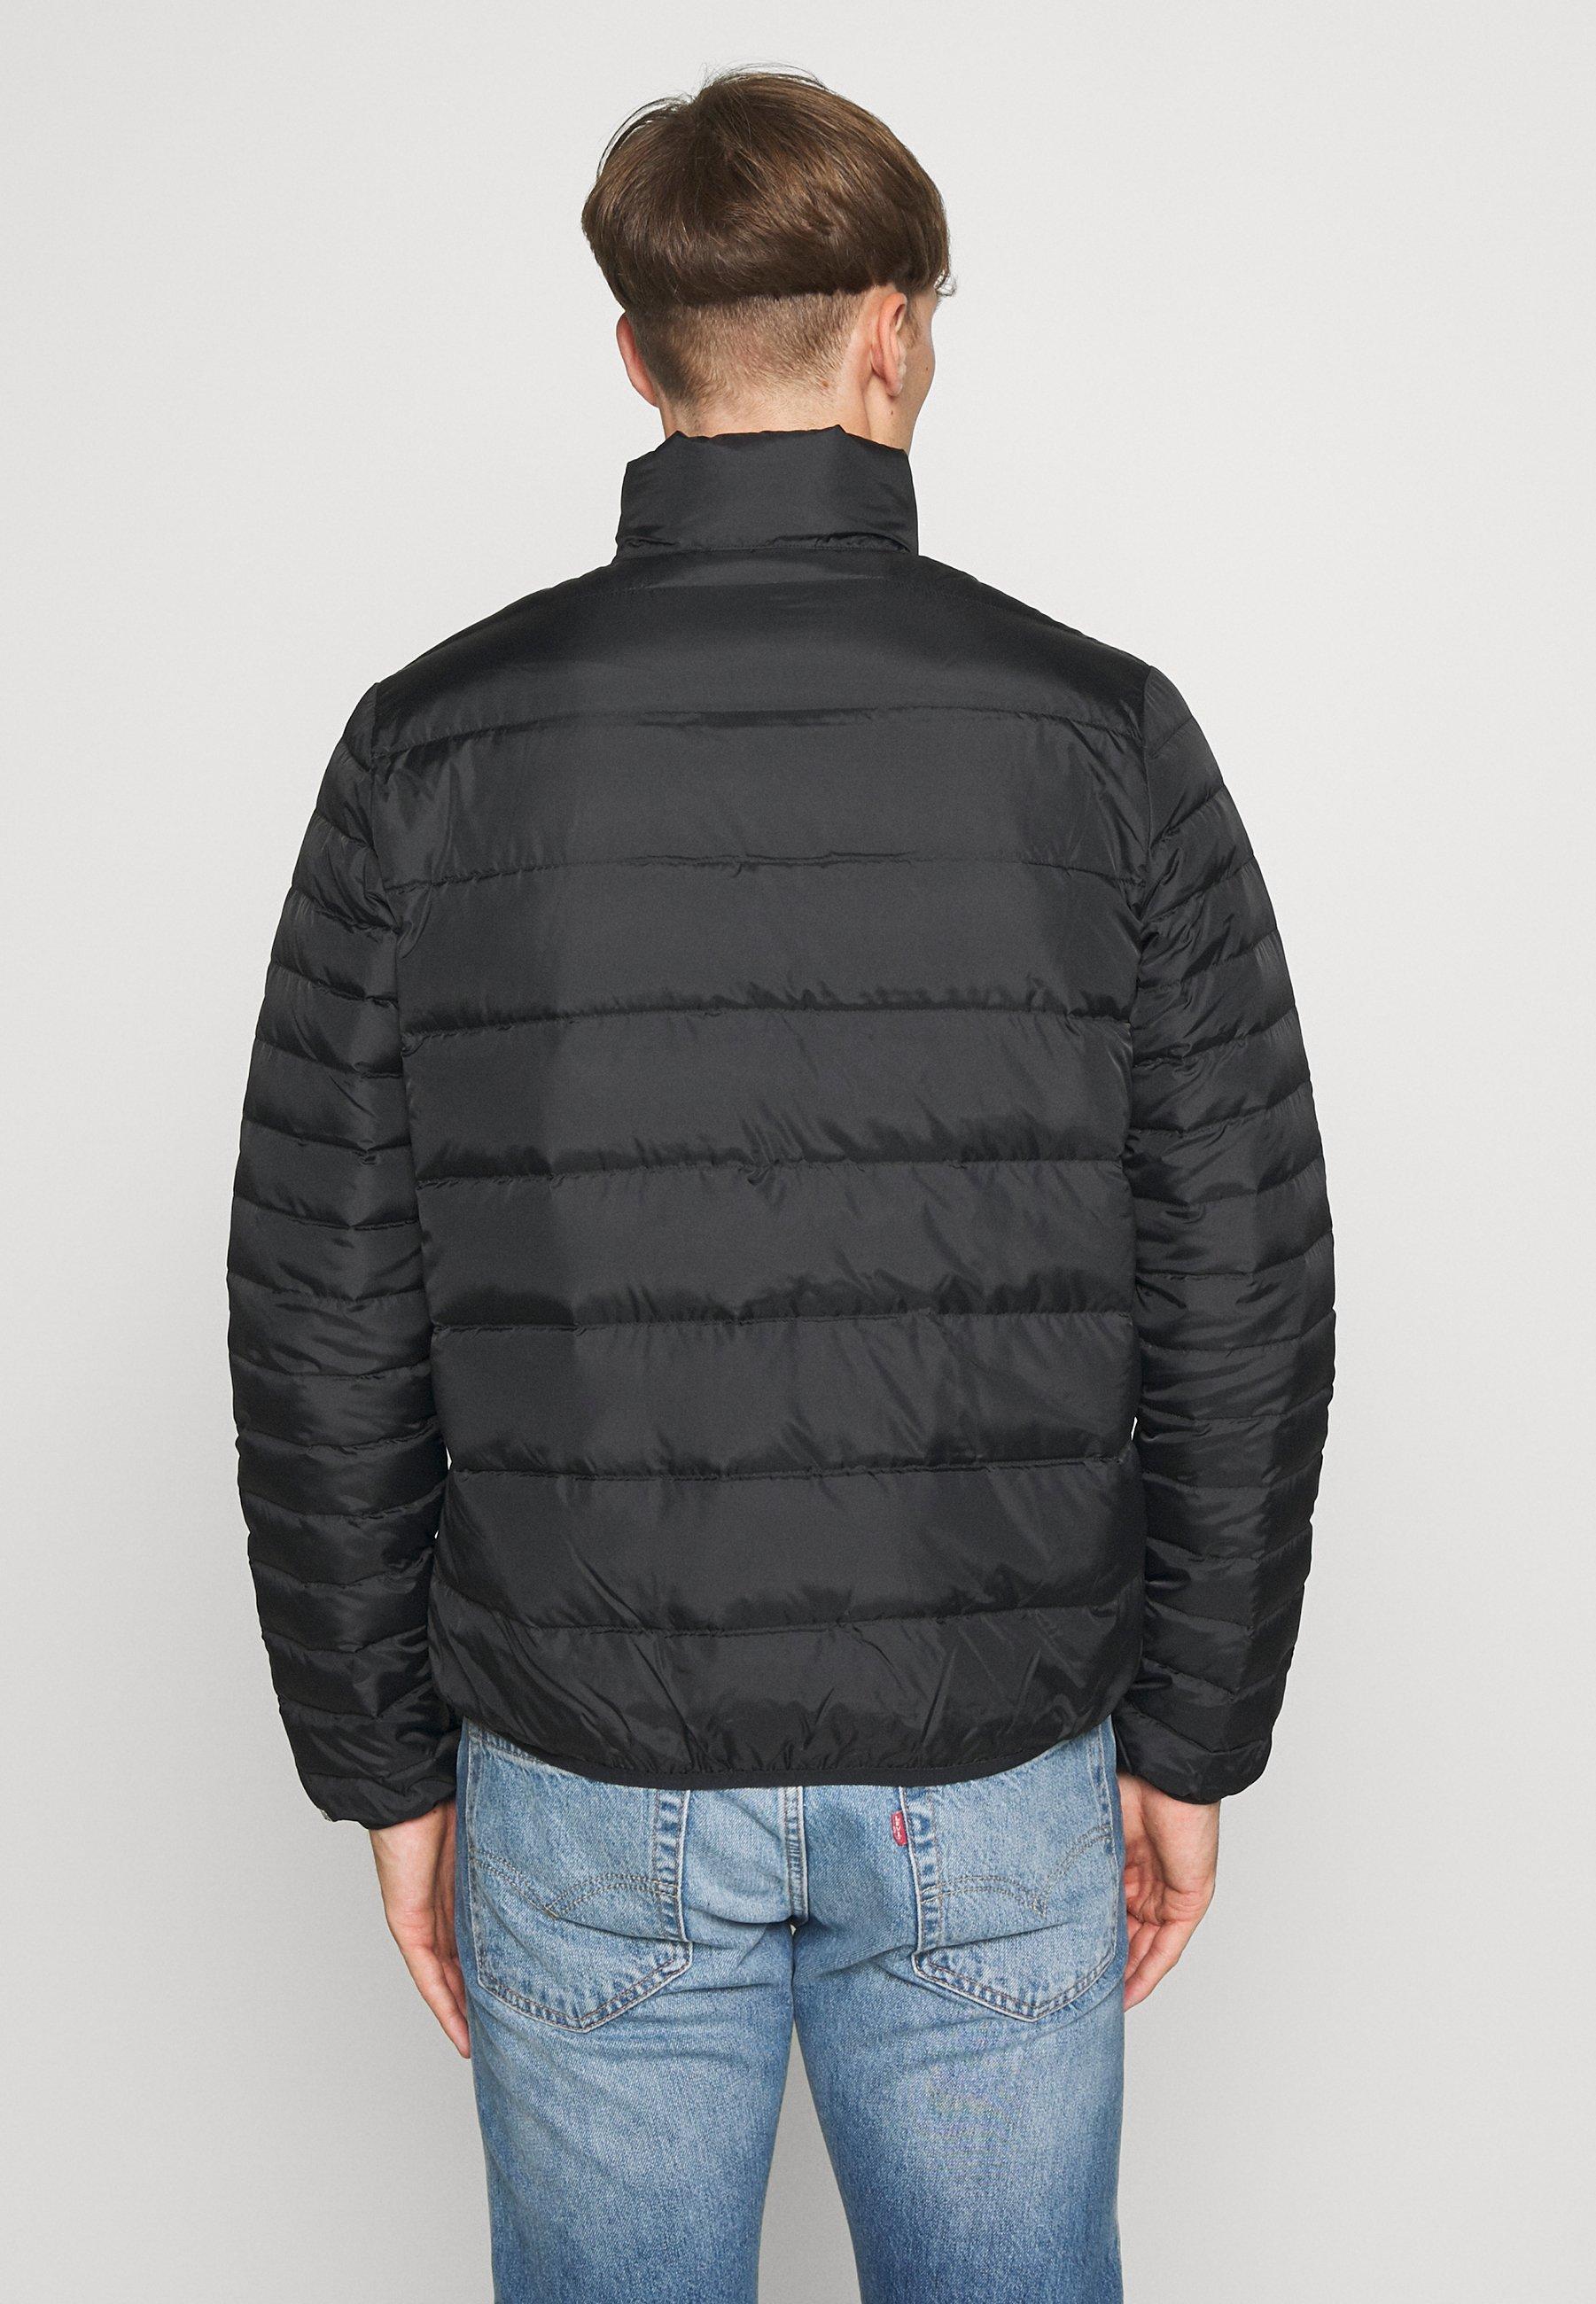 LIGHT JACKET Gewatteerde jas black